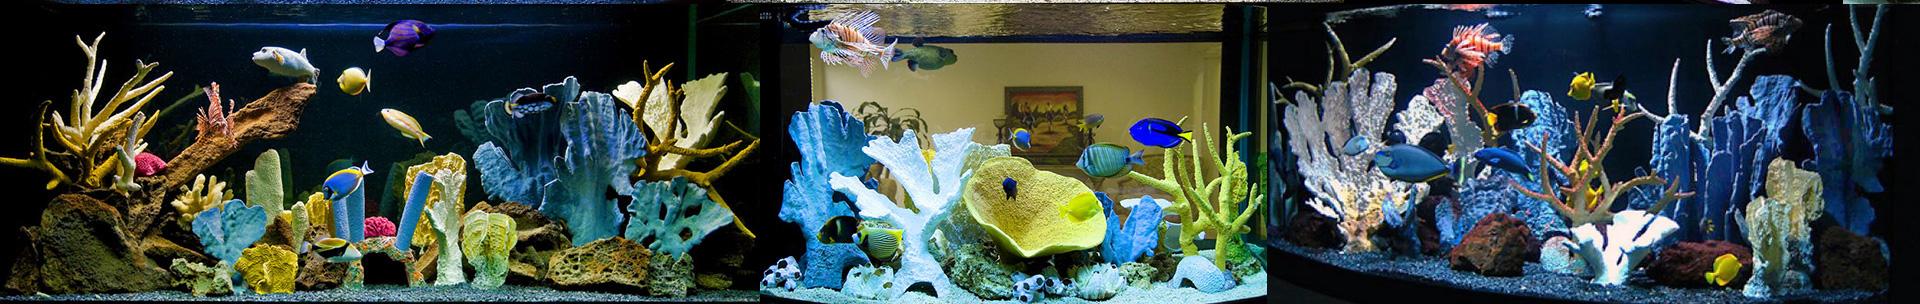 Искусственный коралловый риф пример оформления